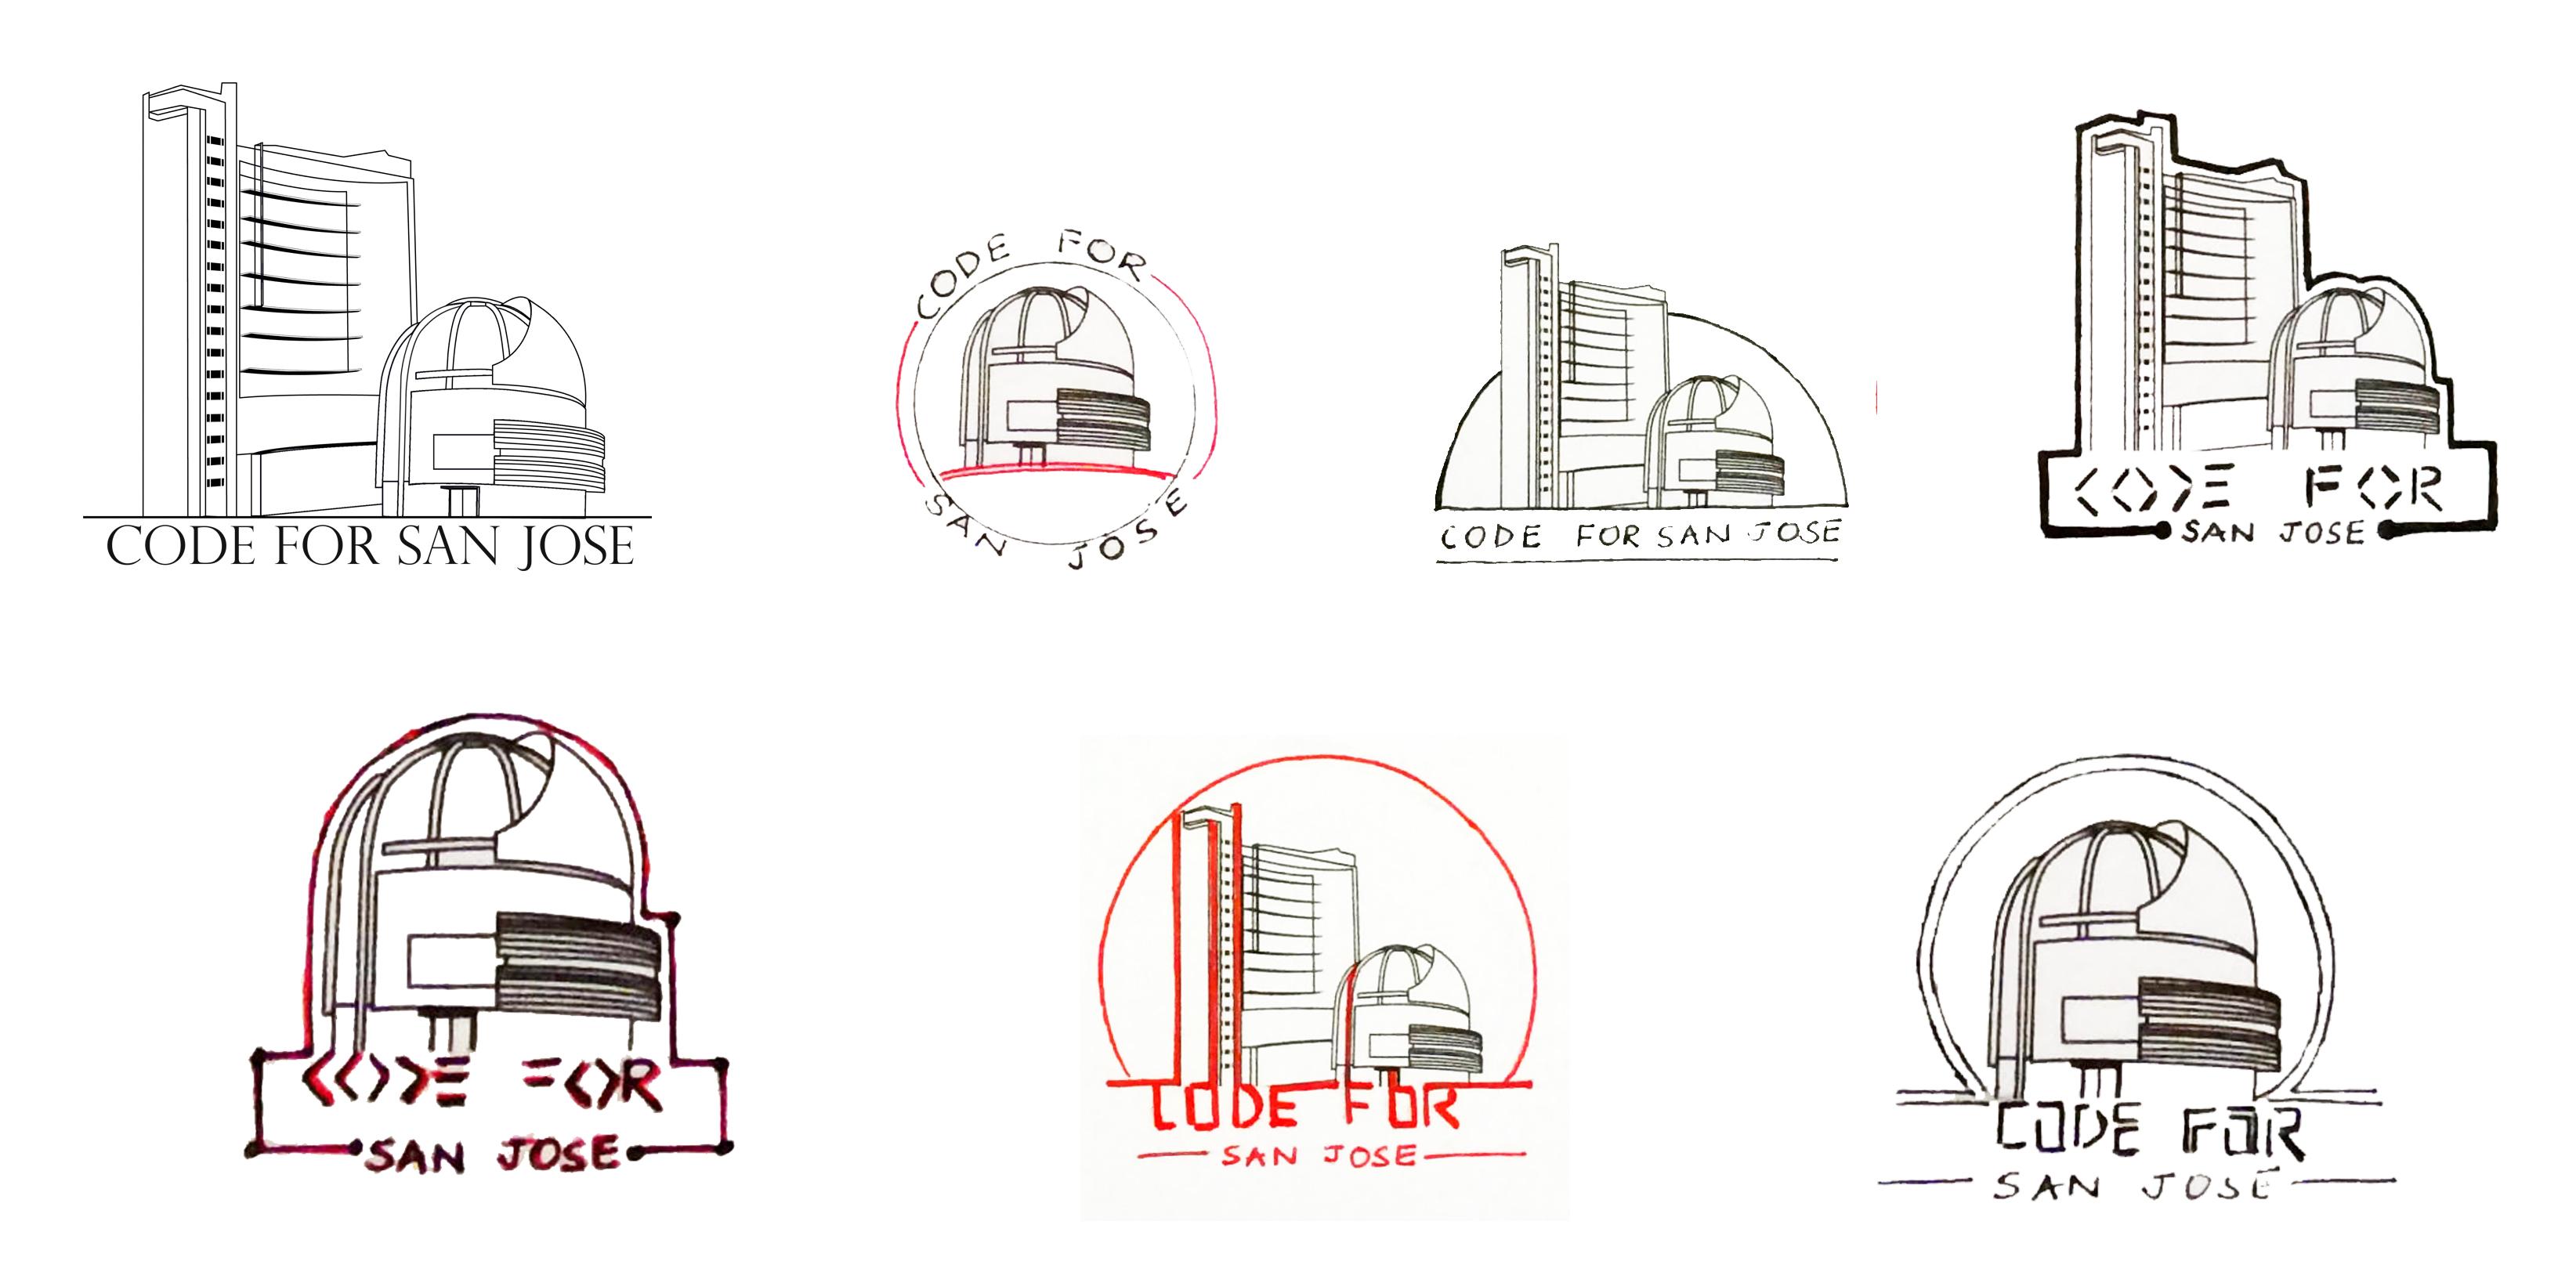 Initial designs